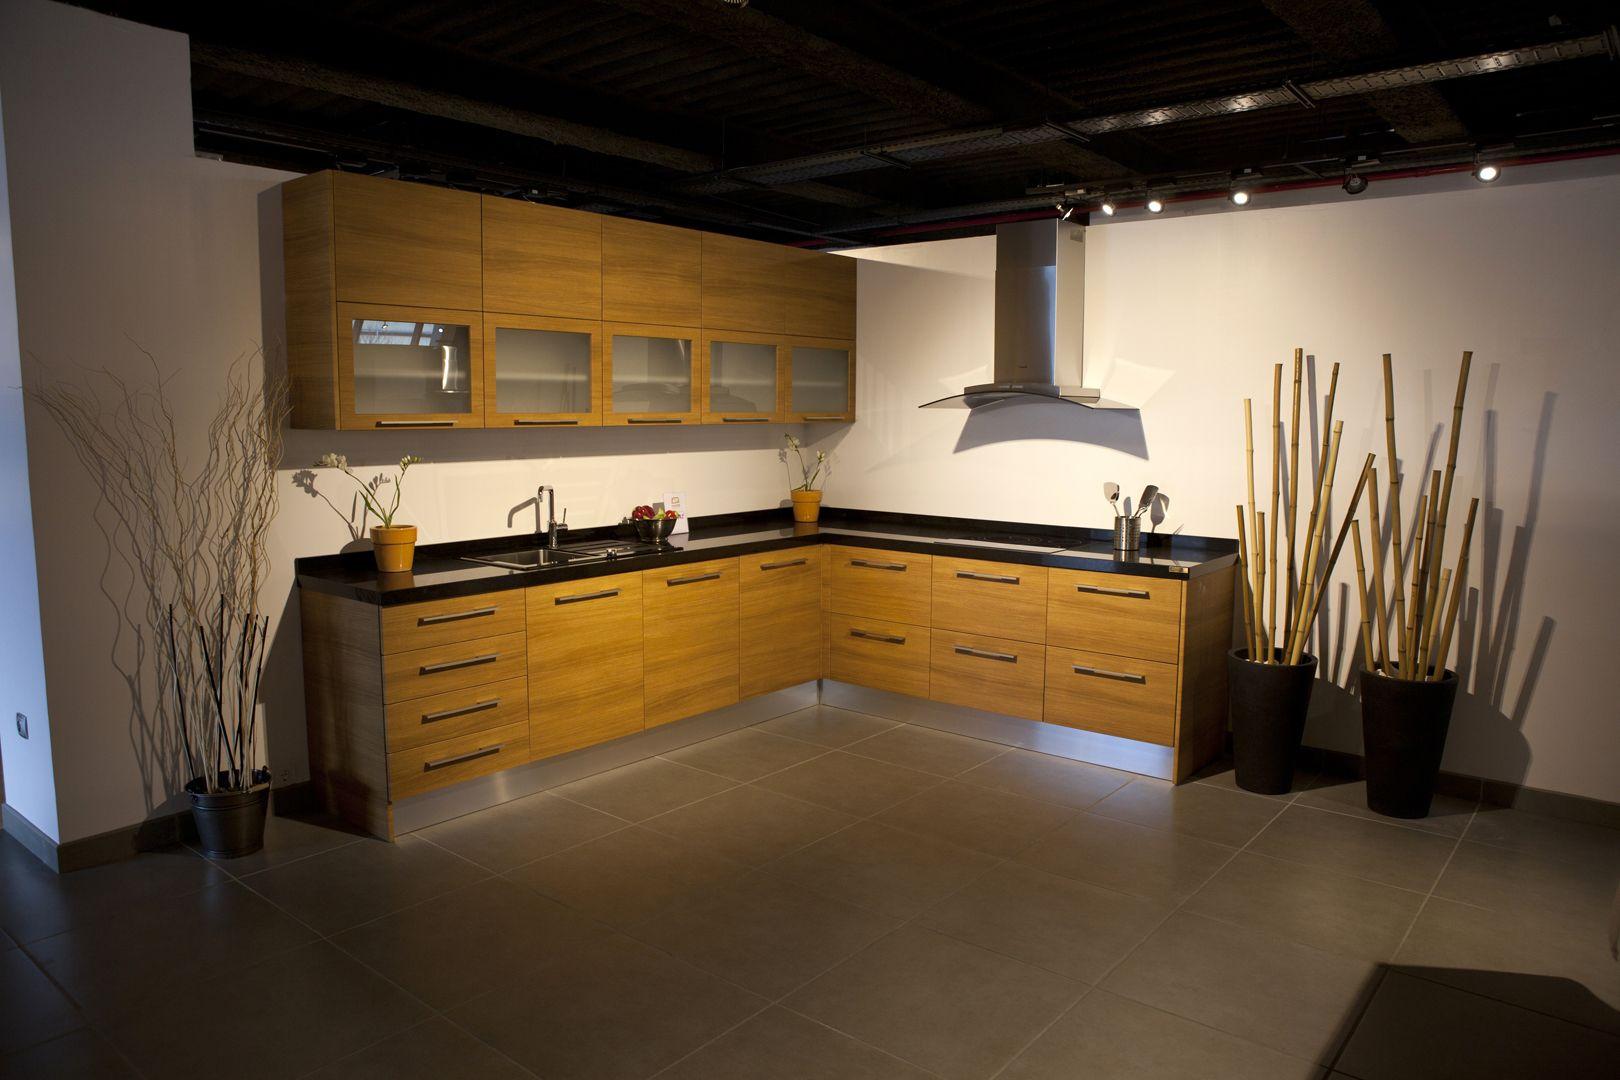 Modelos de cocina con puerta iba eta teka de - Muebles de cocina en bilbao ...